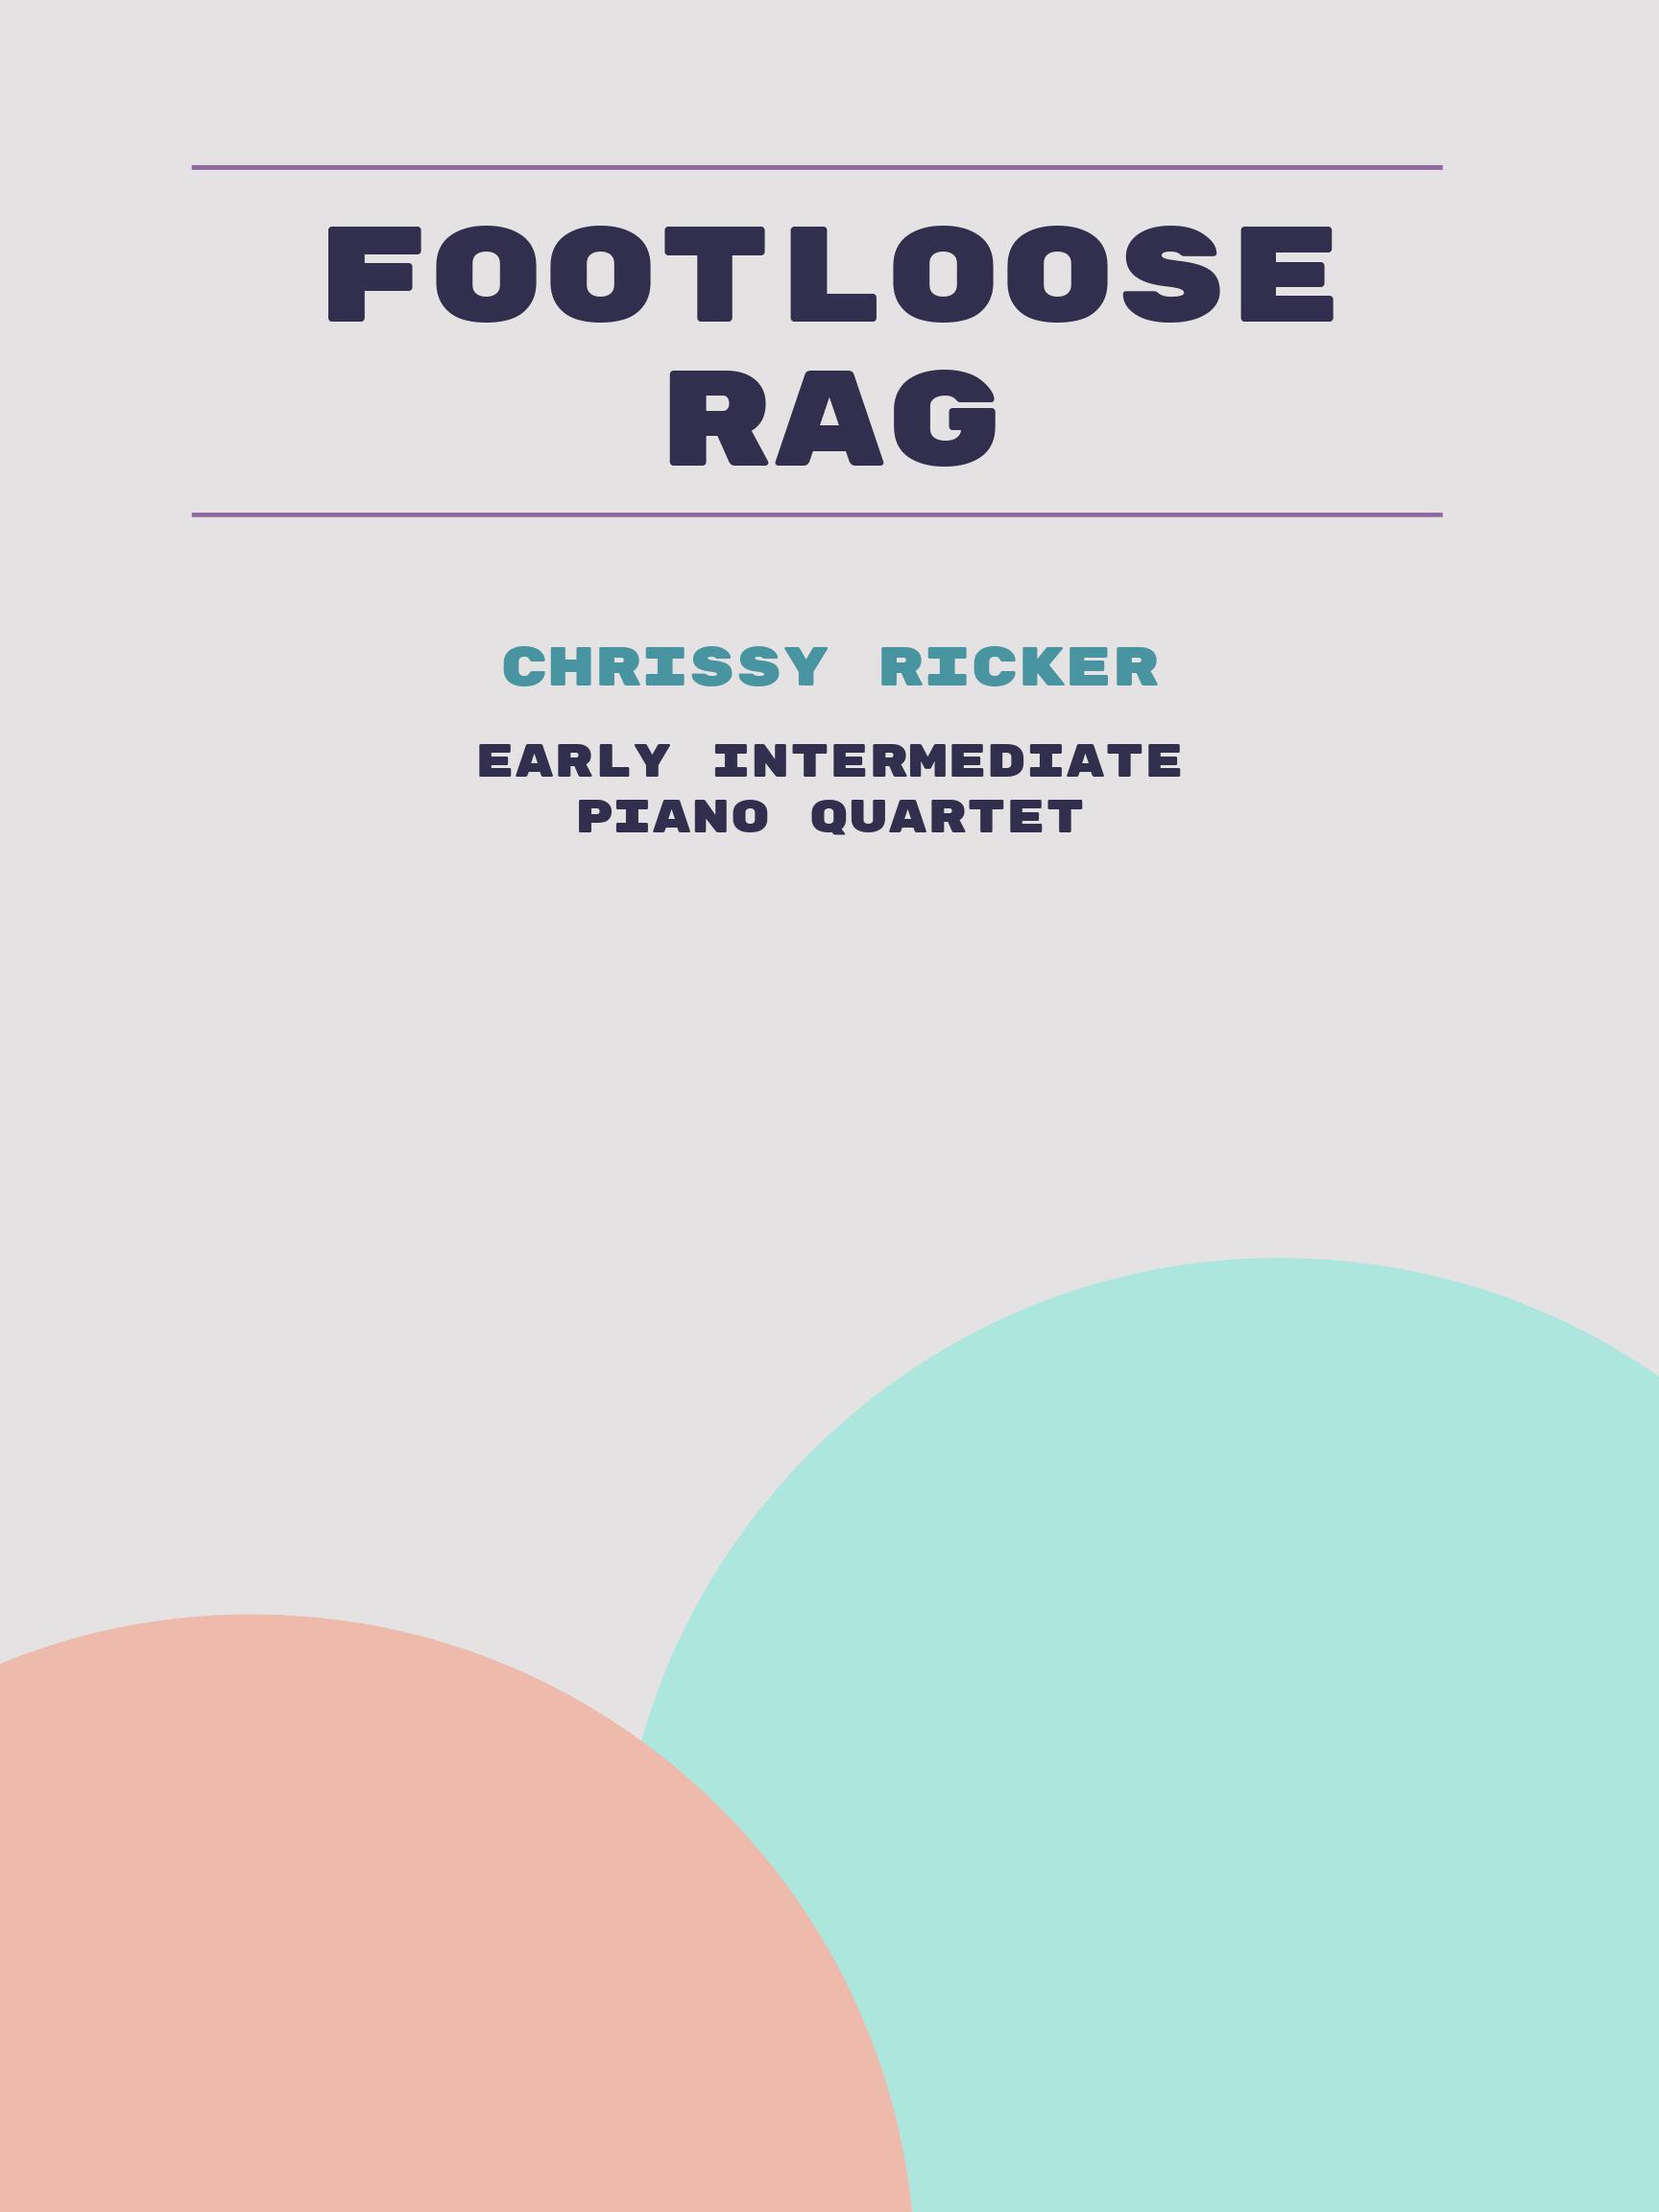 Footloose Rag by Chrissy Ricker